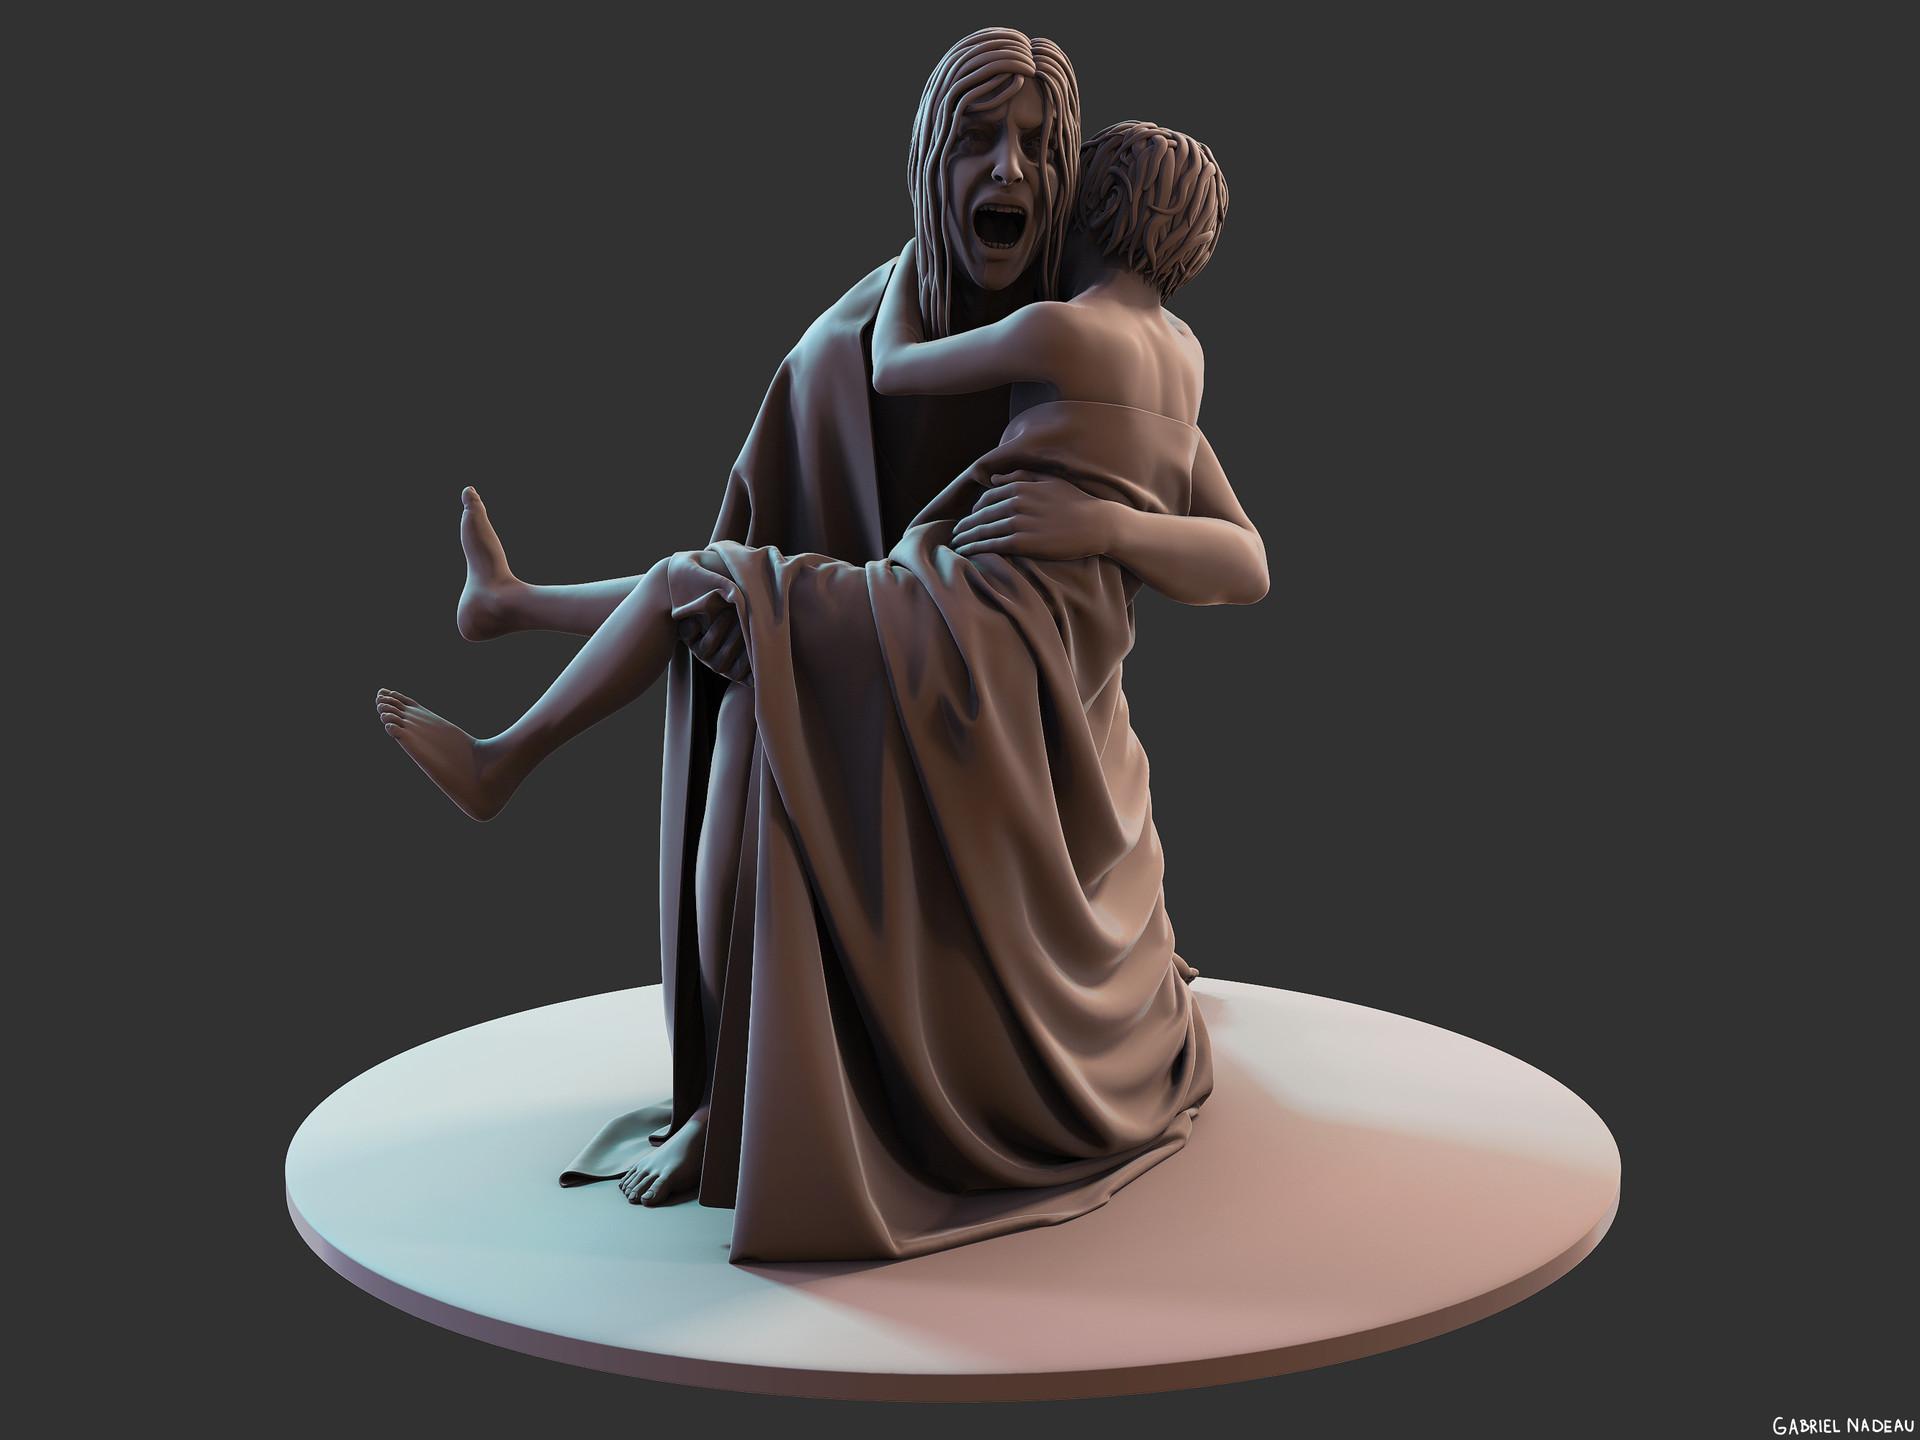 Gabriel nadeau statue clean 1